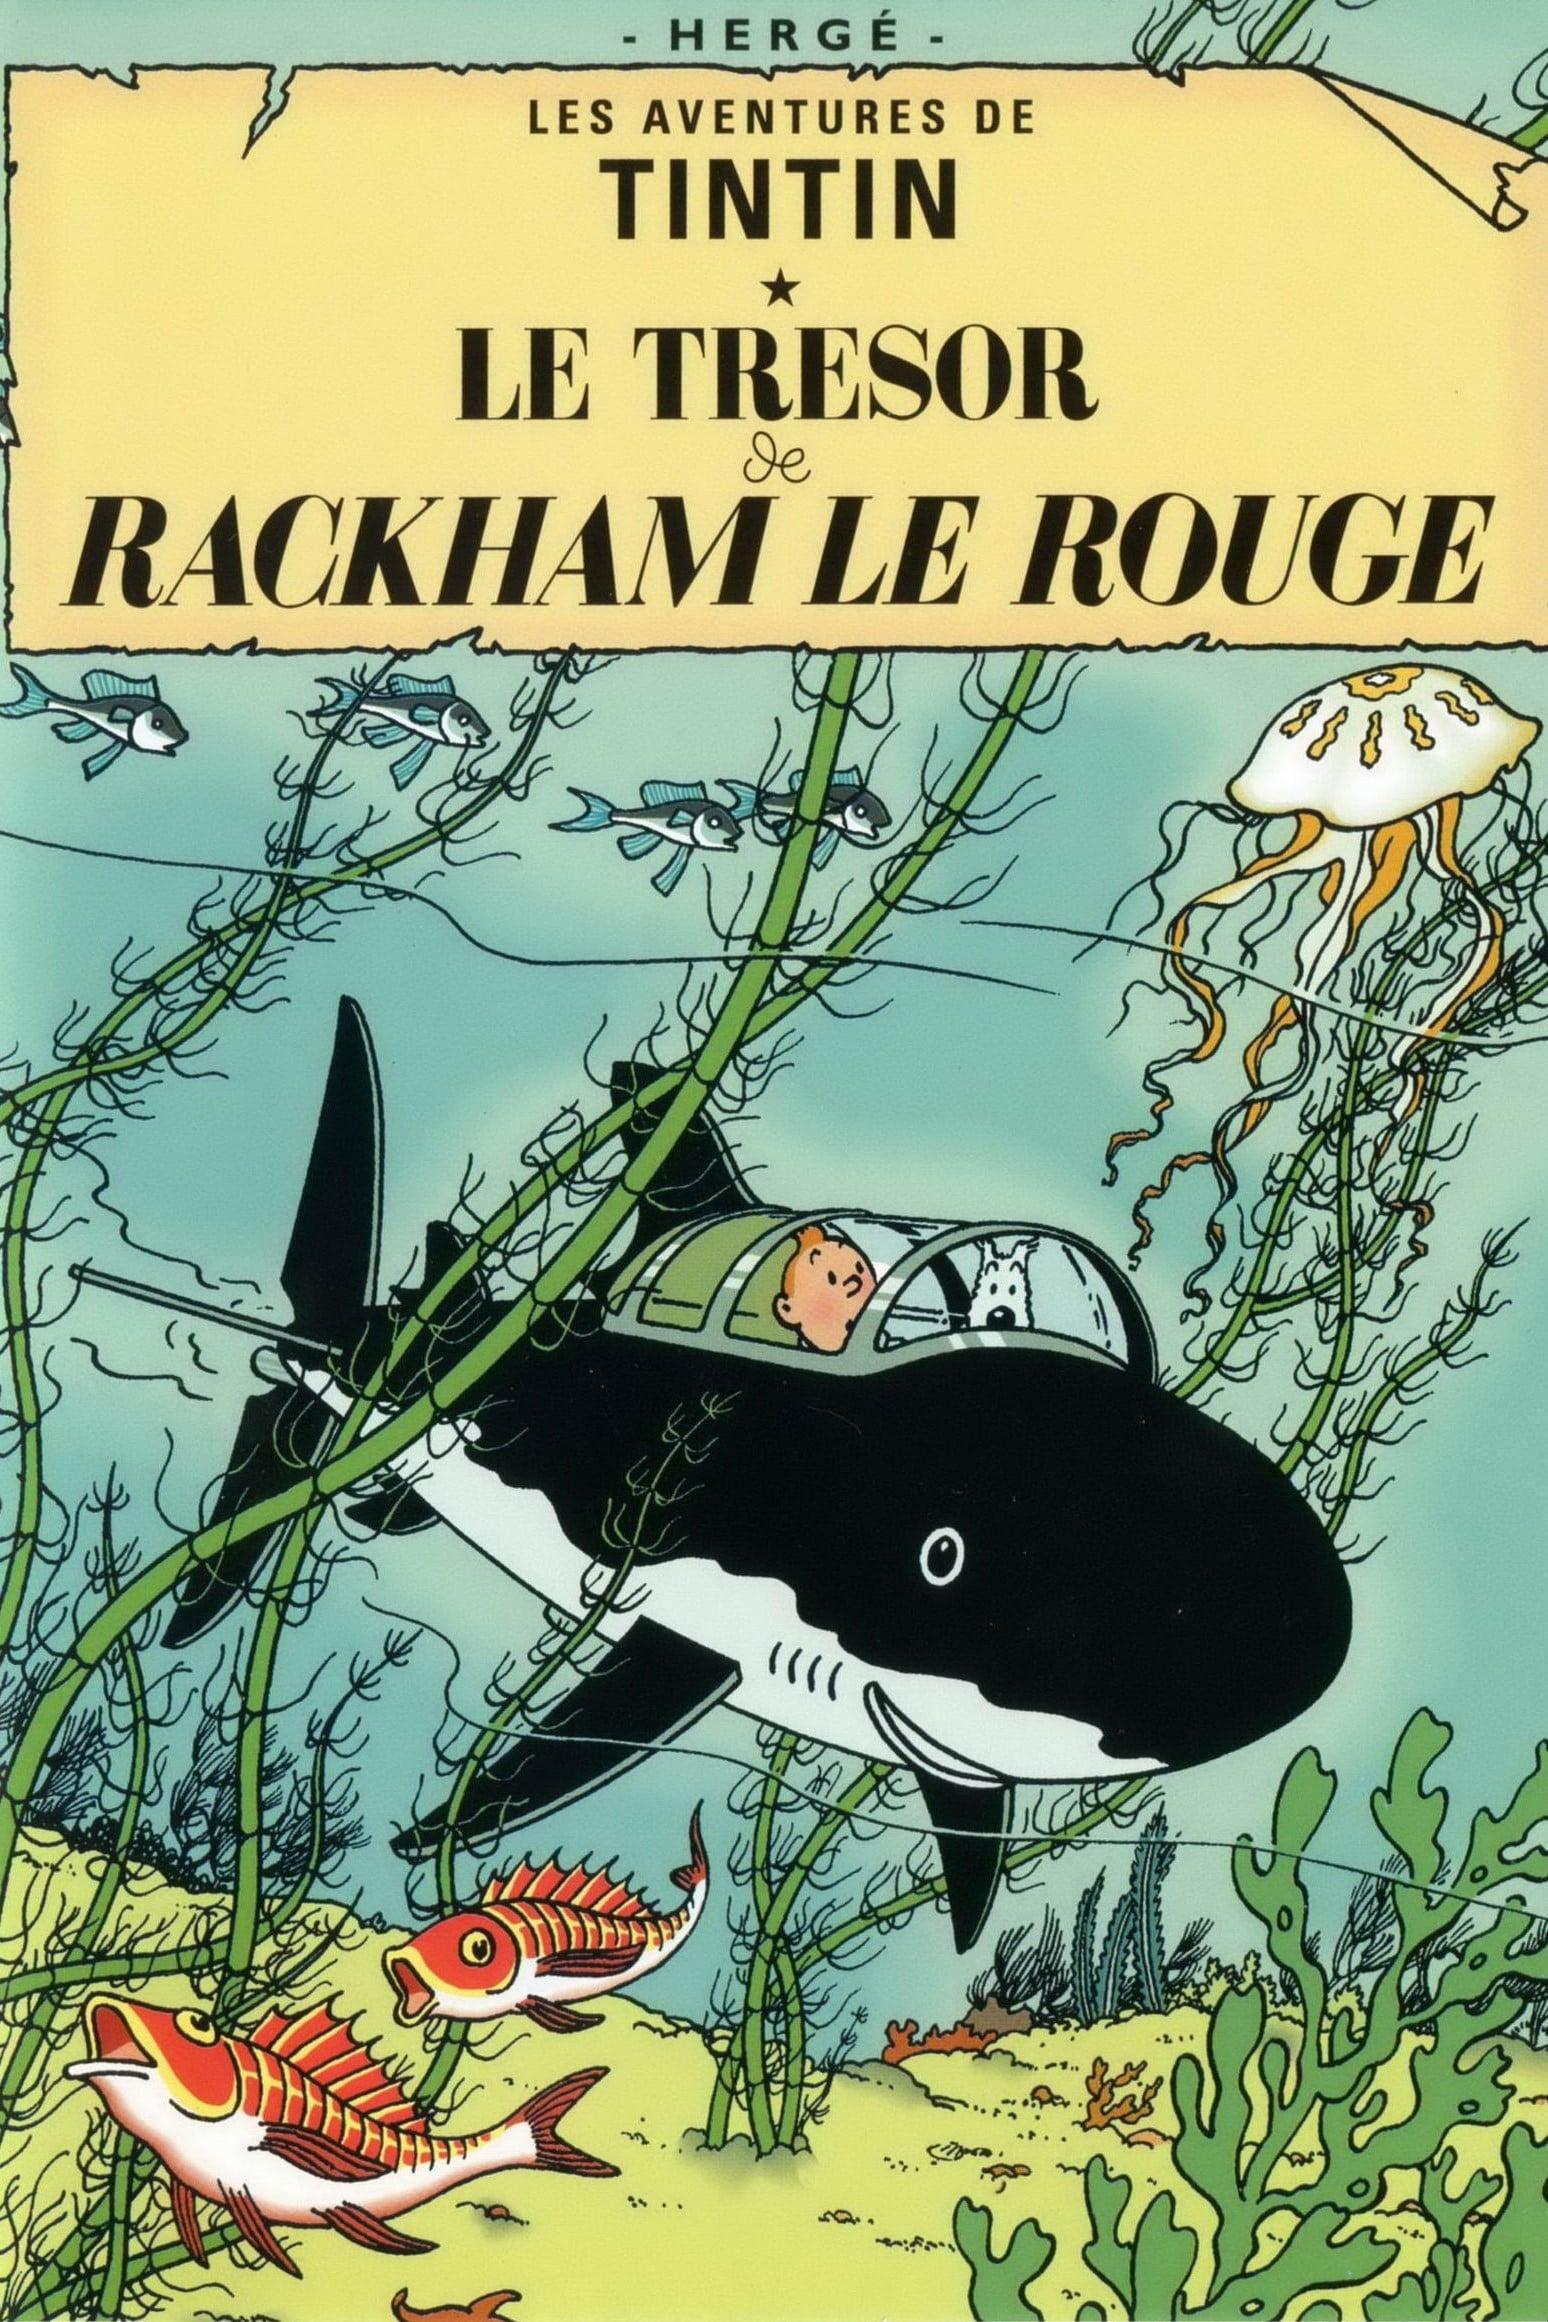 Les Aventures De Tintin 10 Le Trésor De Rackham Le Rouge - 1992